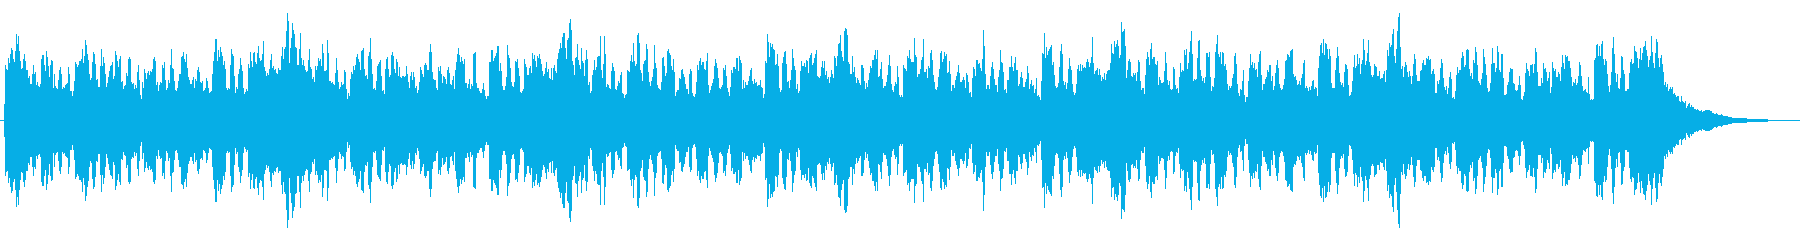 フルートとシンセのほのぼのジングルの再生済みの波形